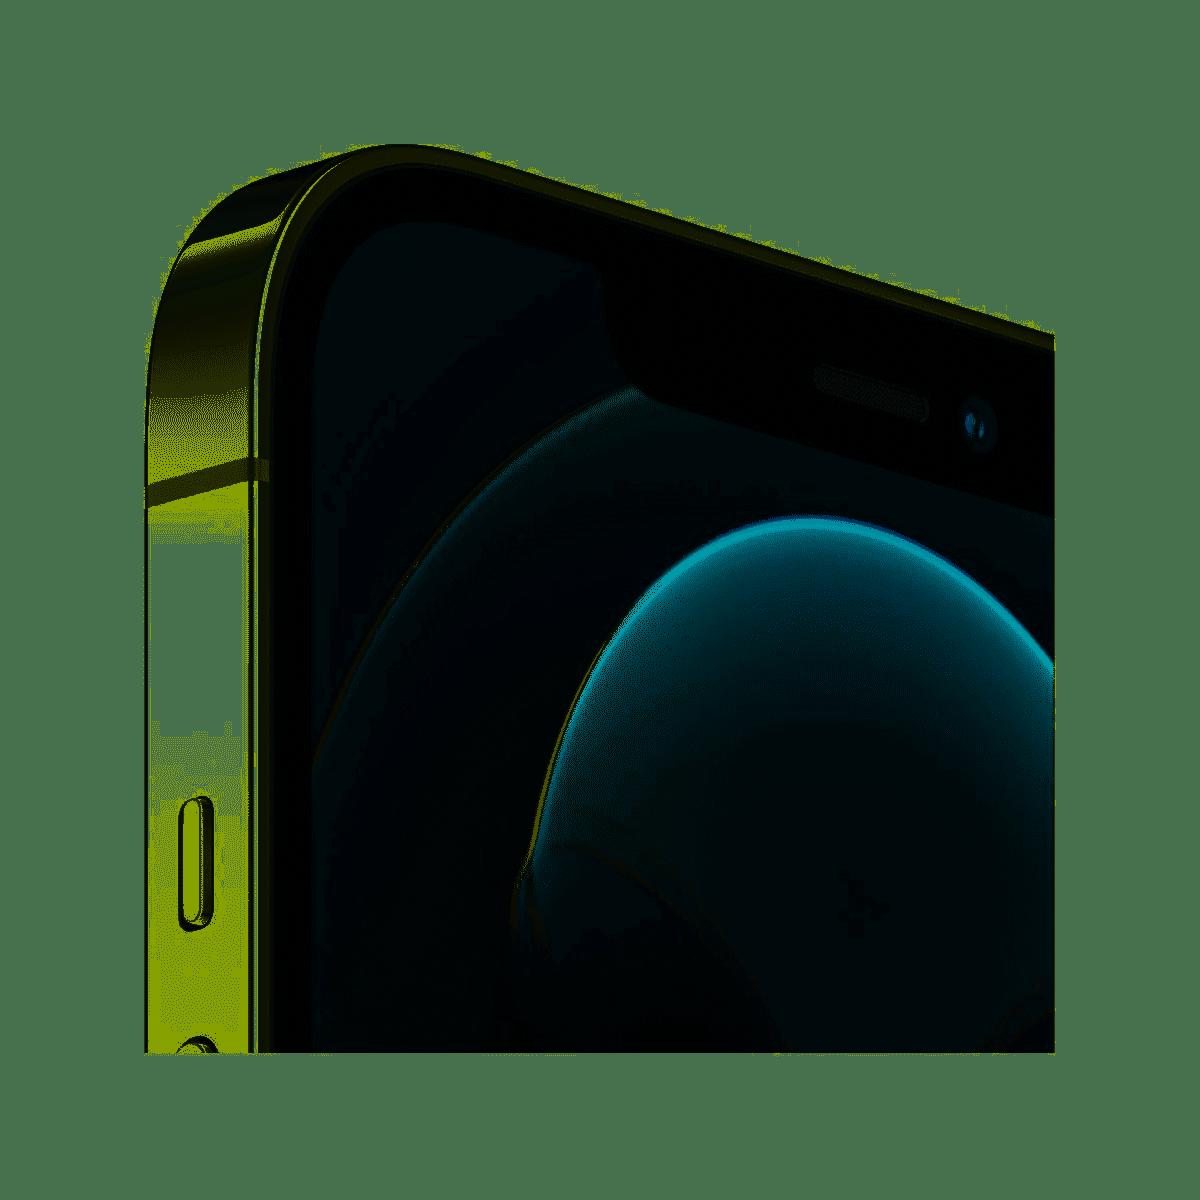 diseño plano iphone 12 pro Max 128GB Oro